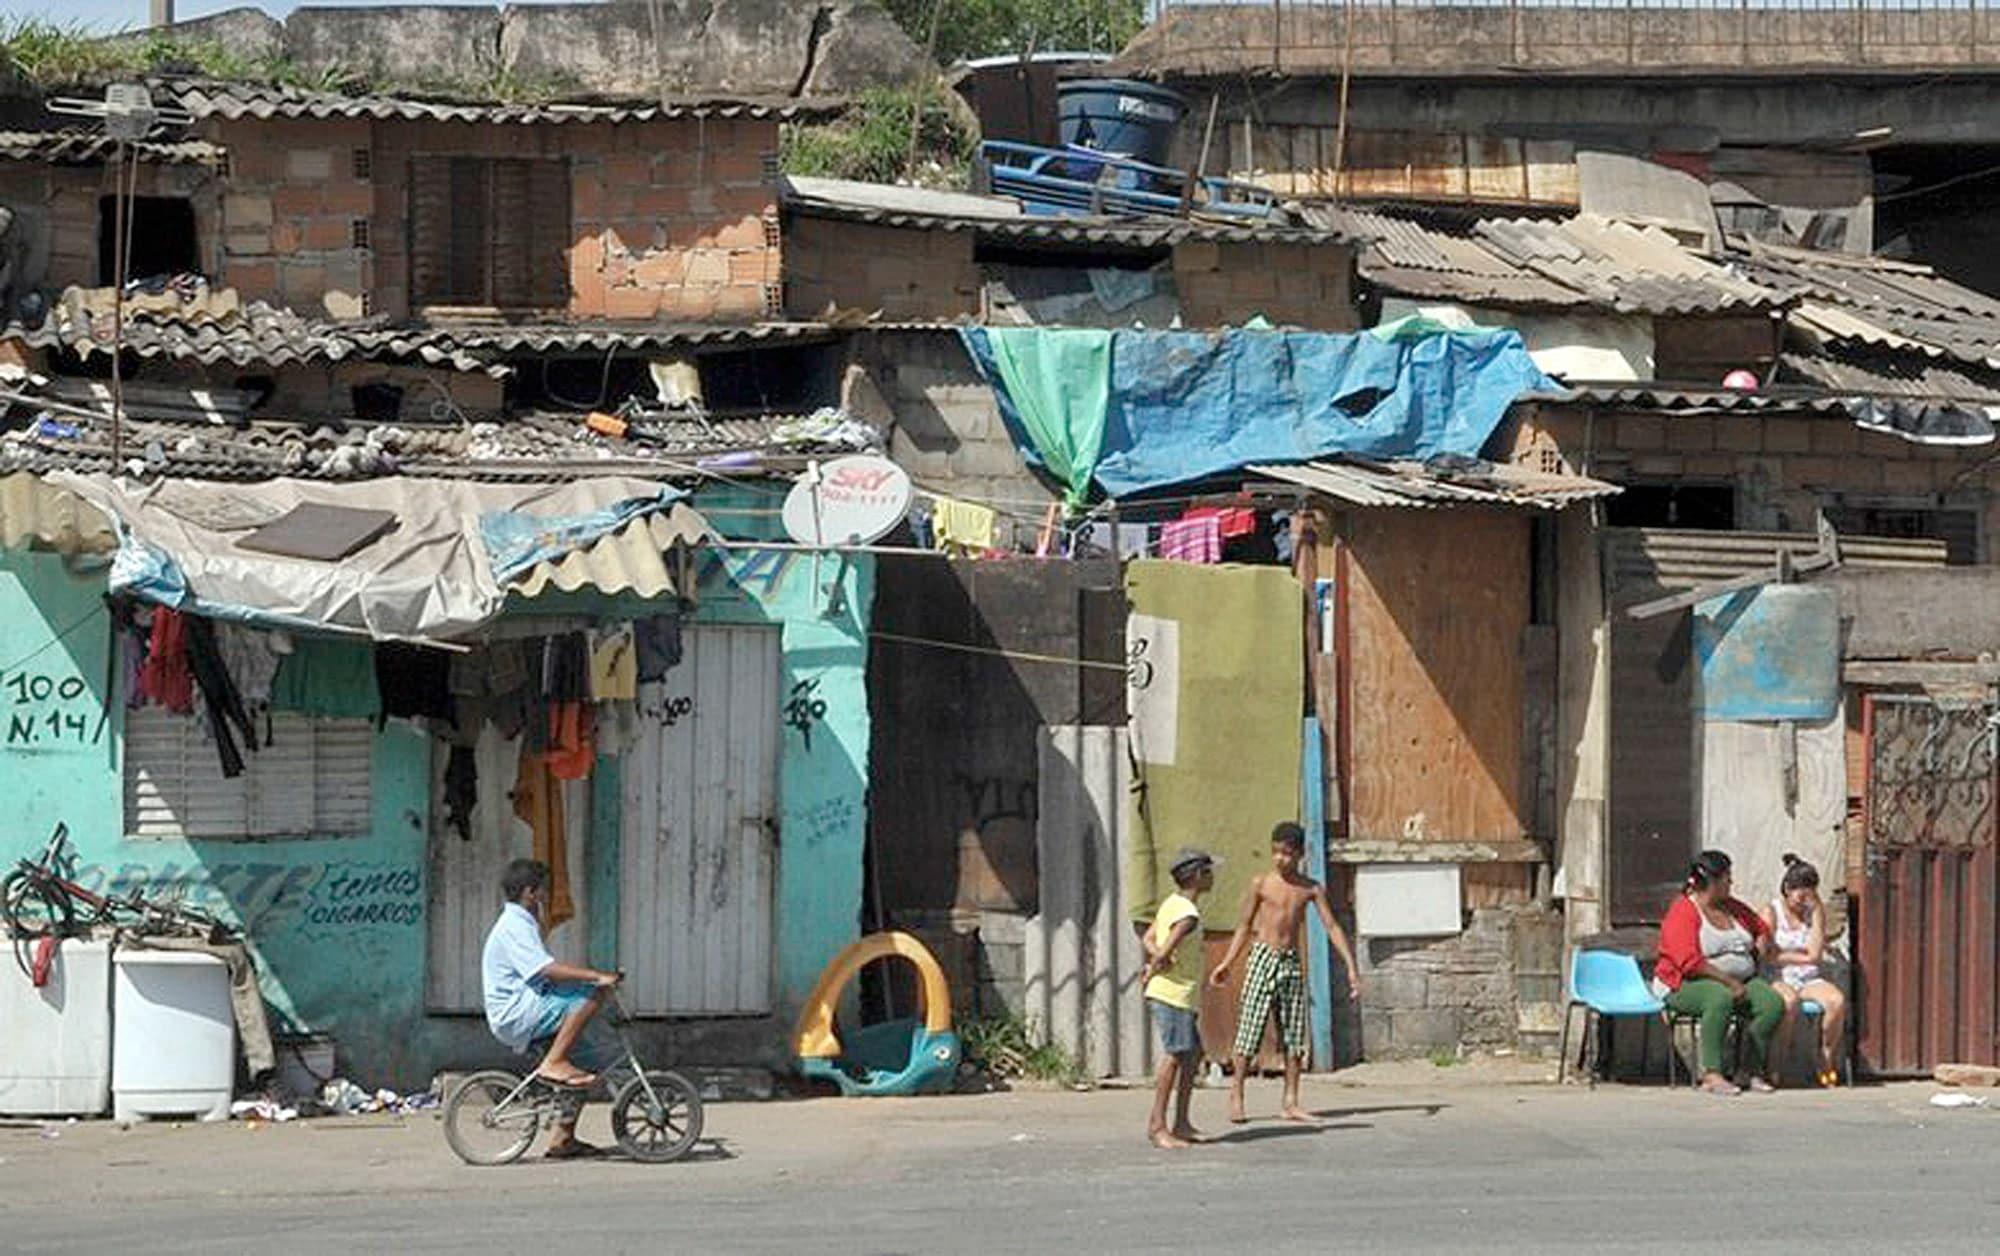 Déficit habitacional sofre redução de 1,5% e país carece de 7 milhões e 797 mil moradias. Crédito: Agência Brasil